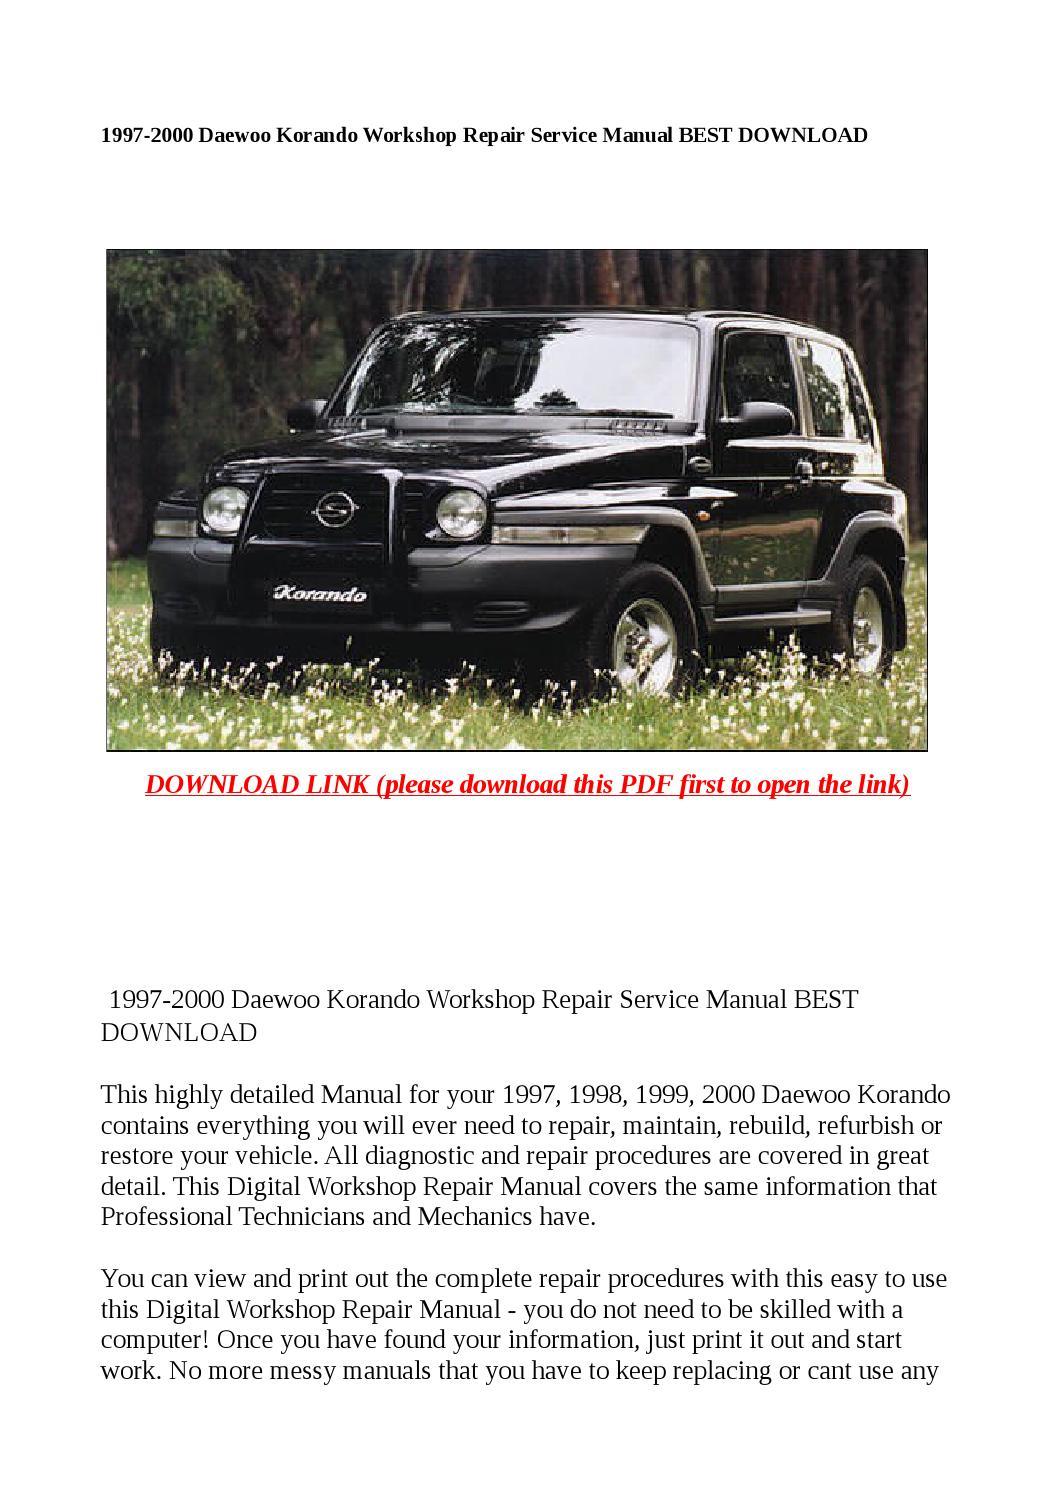 1997 2000 daewoo korando workshop repair service manual best download by  steve - issuu